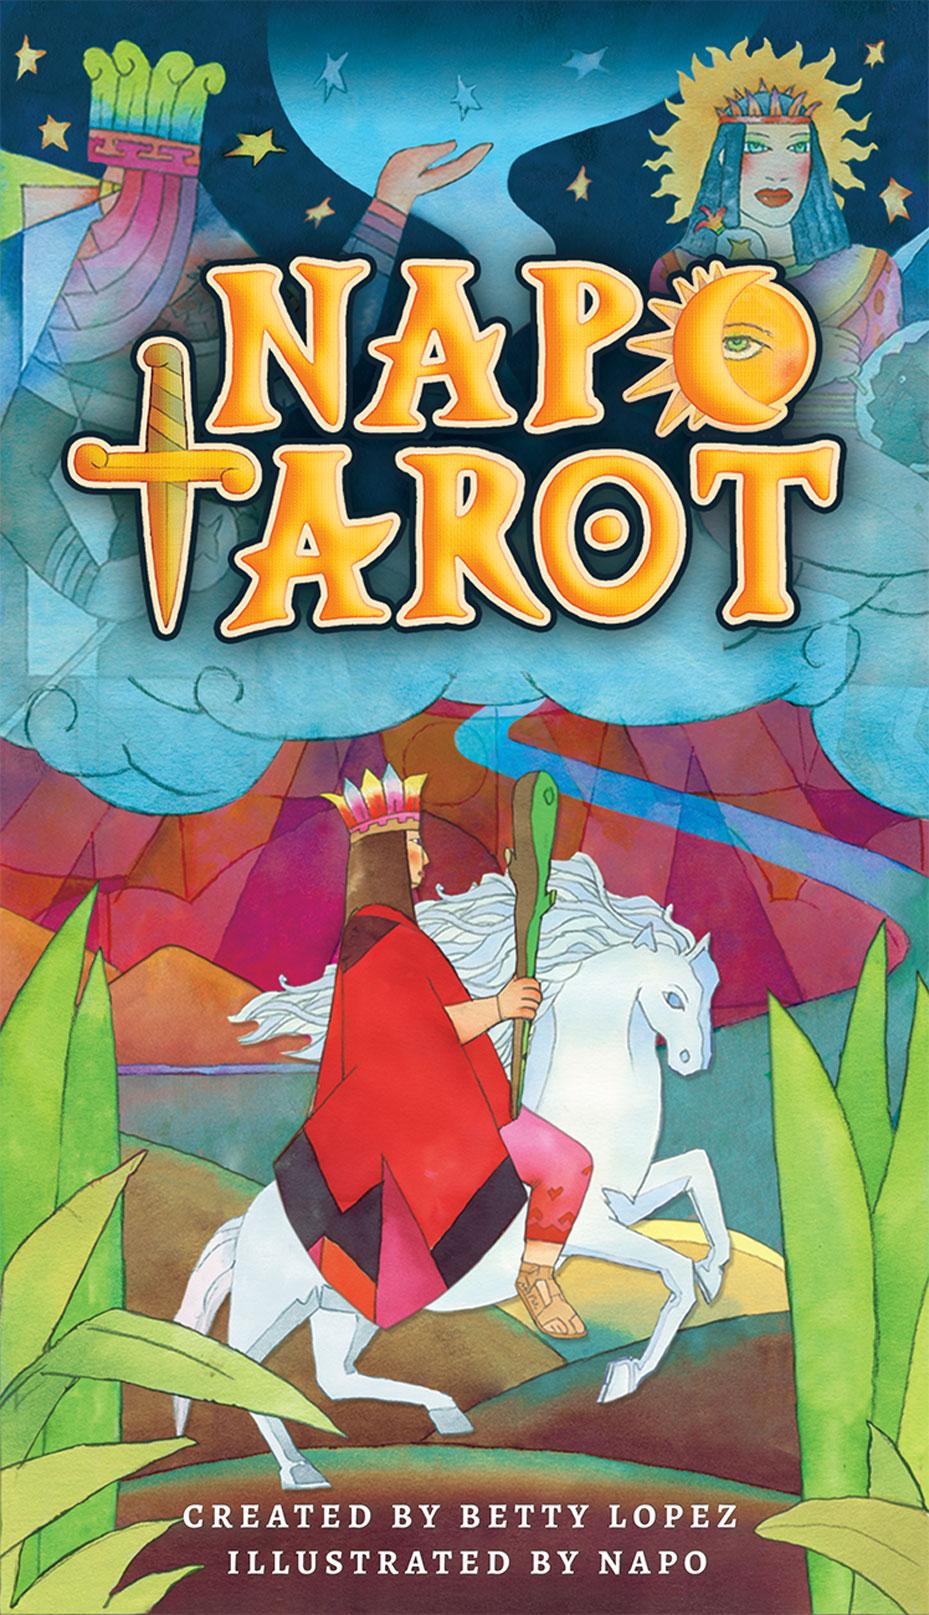 送料無料 迅速にお届け致します 割引も実施中 正規販売店 安心保証 タロットカード 78枚 Napo Tarot 特価 タロット タロット占い おすすめ ナポ